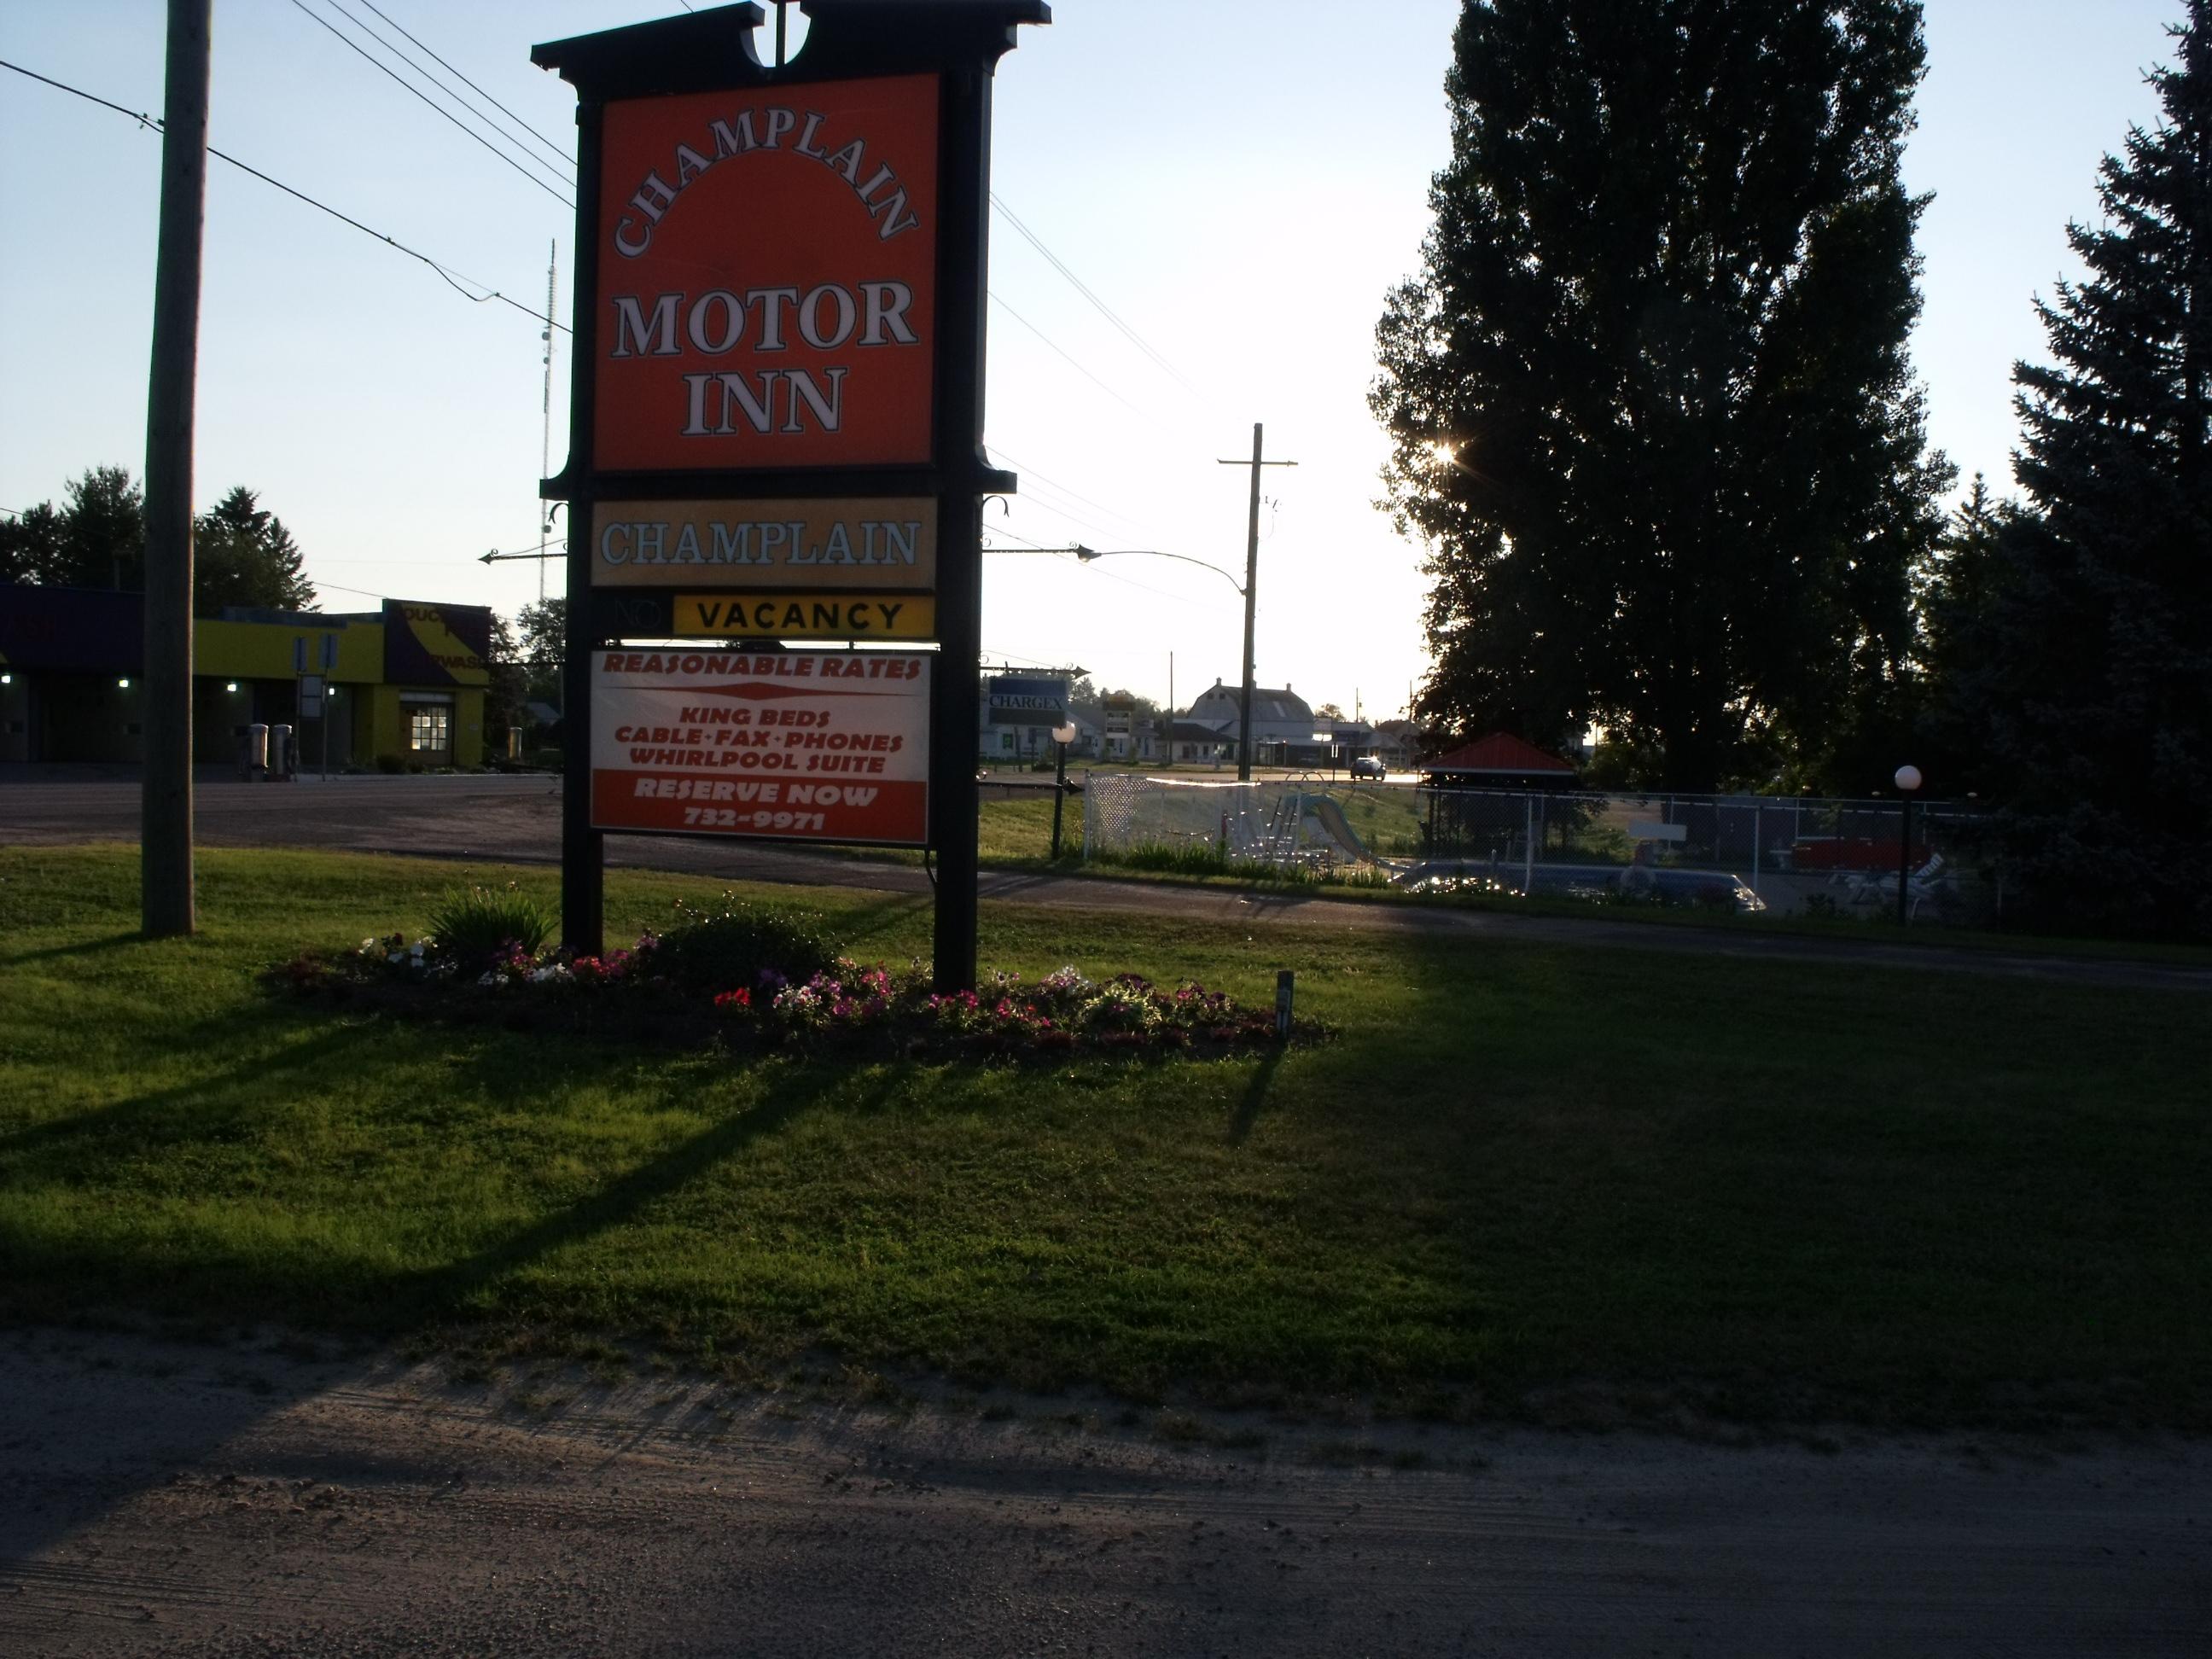 Copeland Champlain Motor Inn